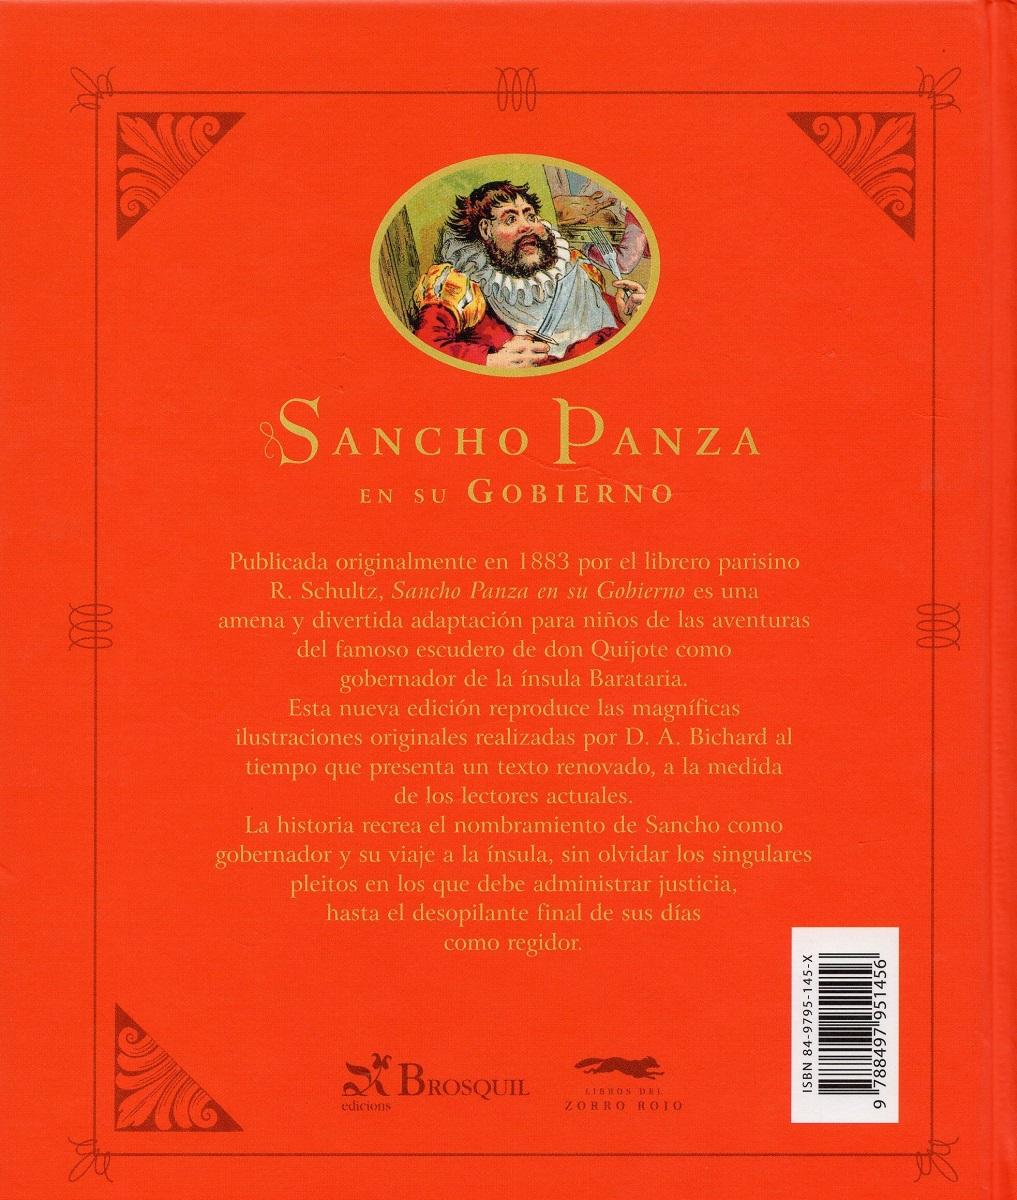 SANCHO PANZA EN SU GOBIERNO